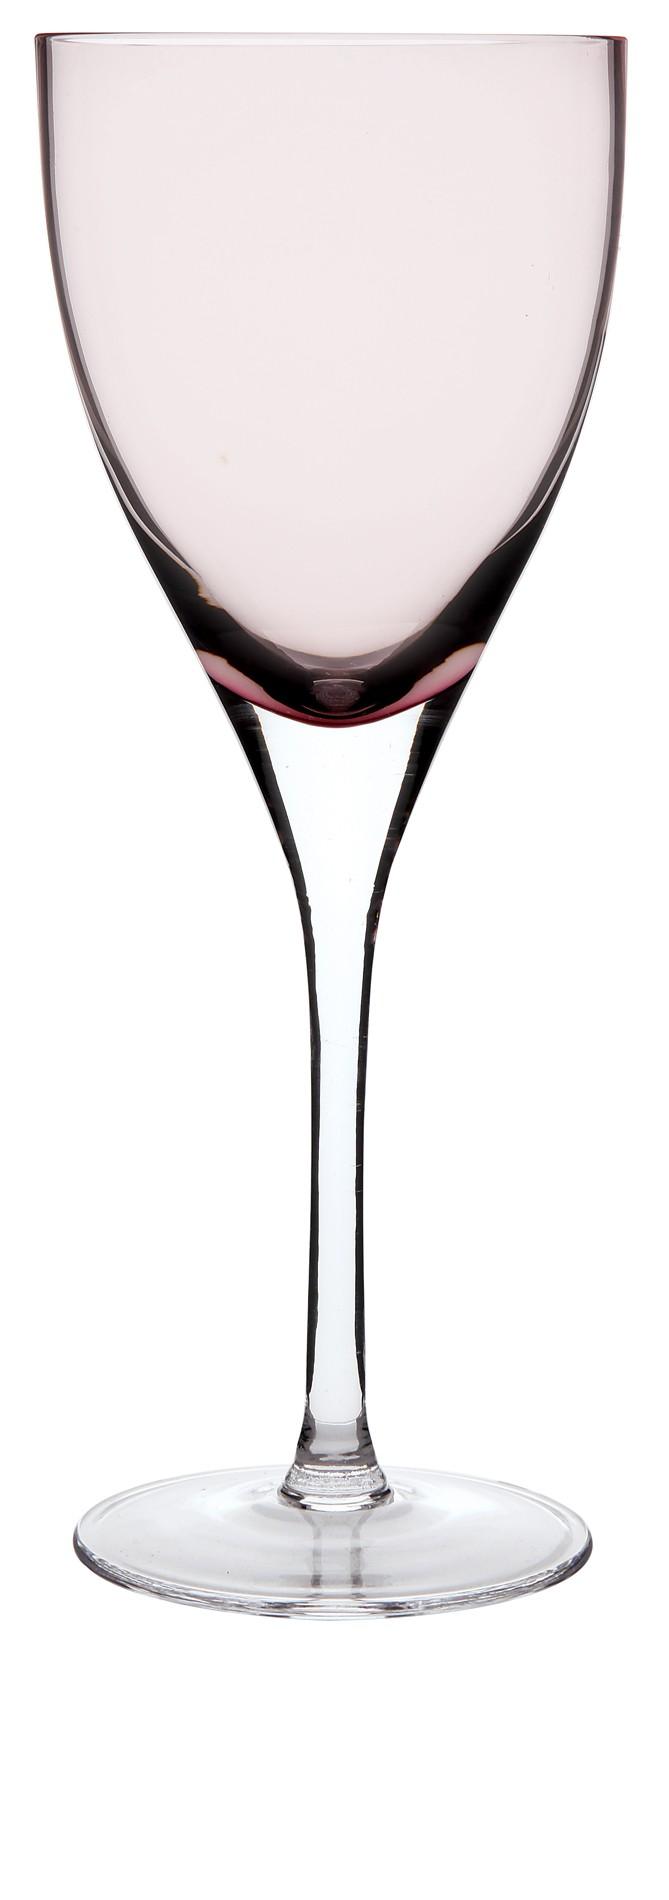 Ποτήρι Κρασιού Paradise Σετ 6Τμχ Μωβ 190ml Ionia home   ειδη σερβιρισματος   ποτήρια